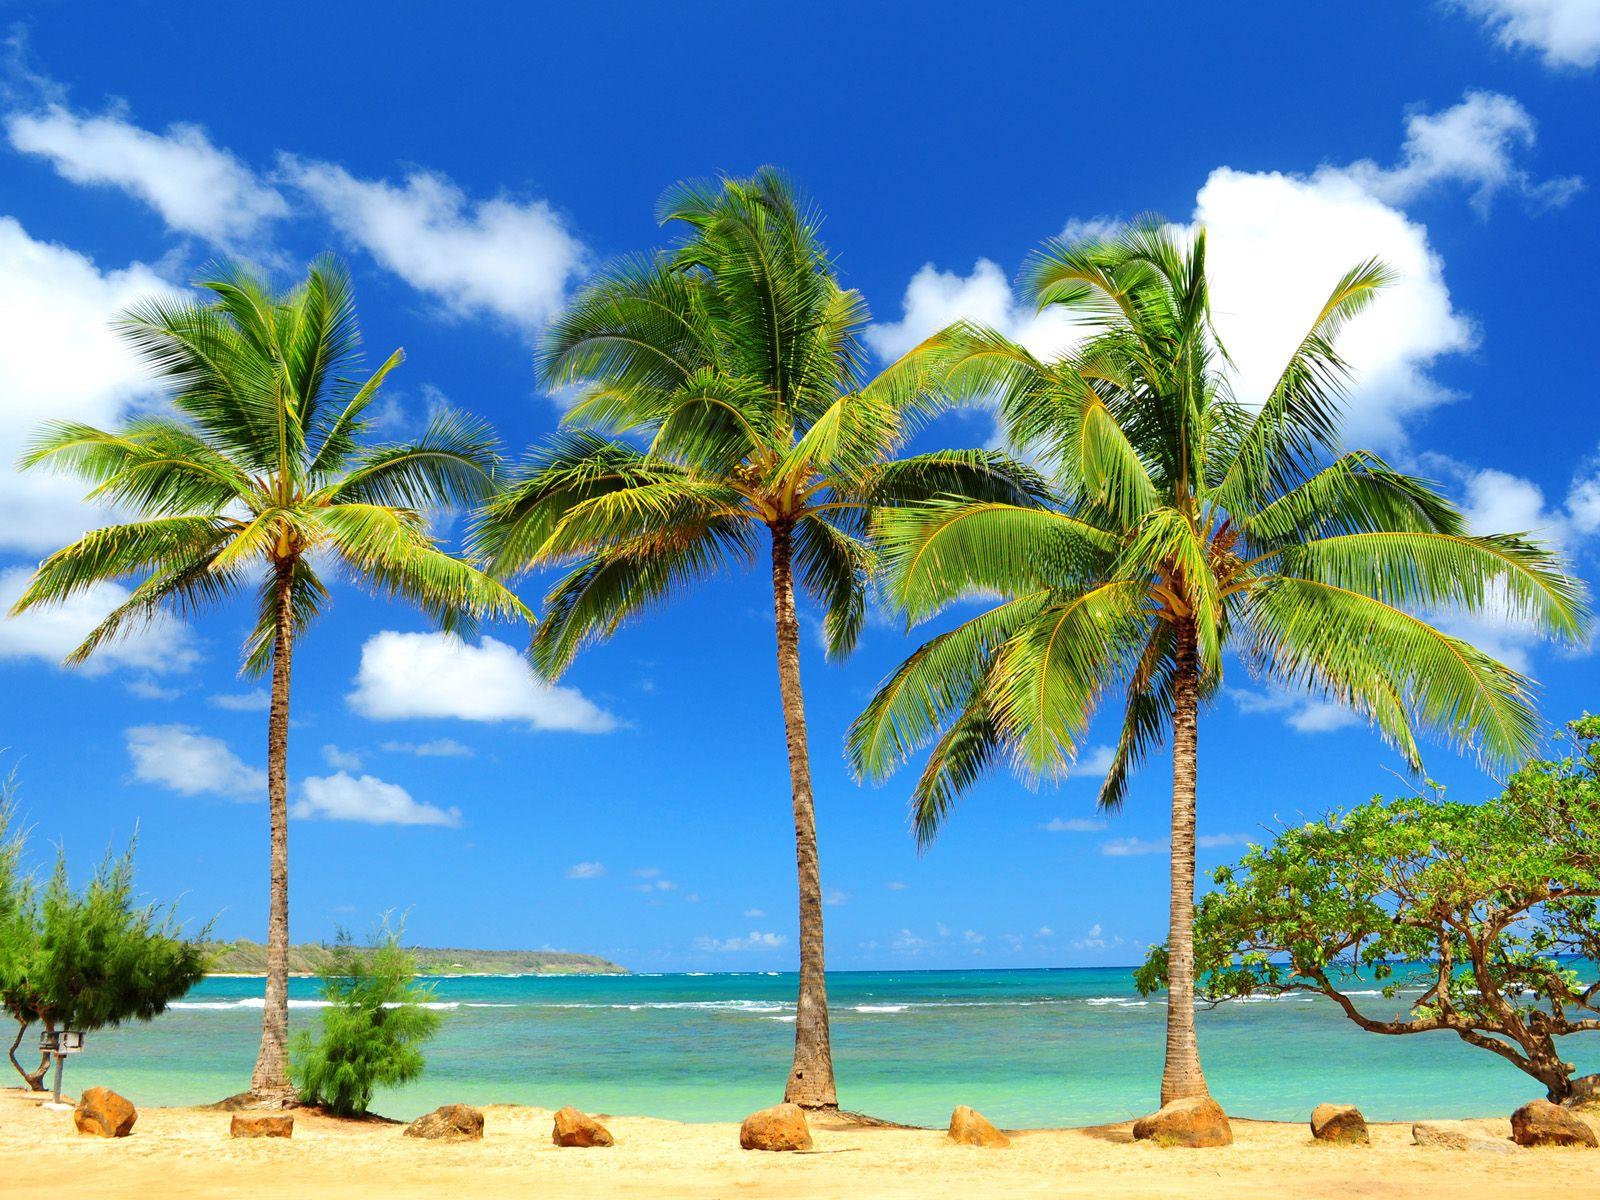 Anahola Palms, Kauai, Hawaii